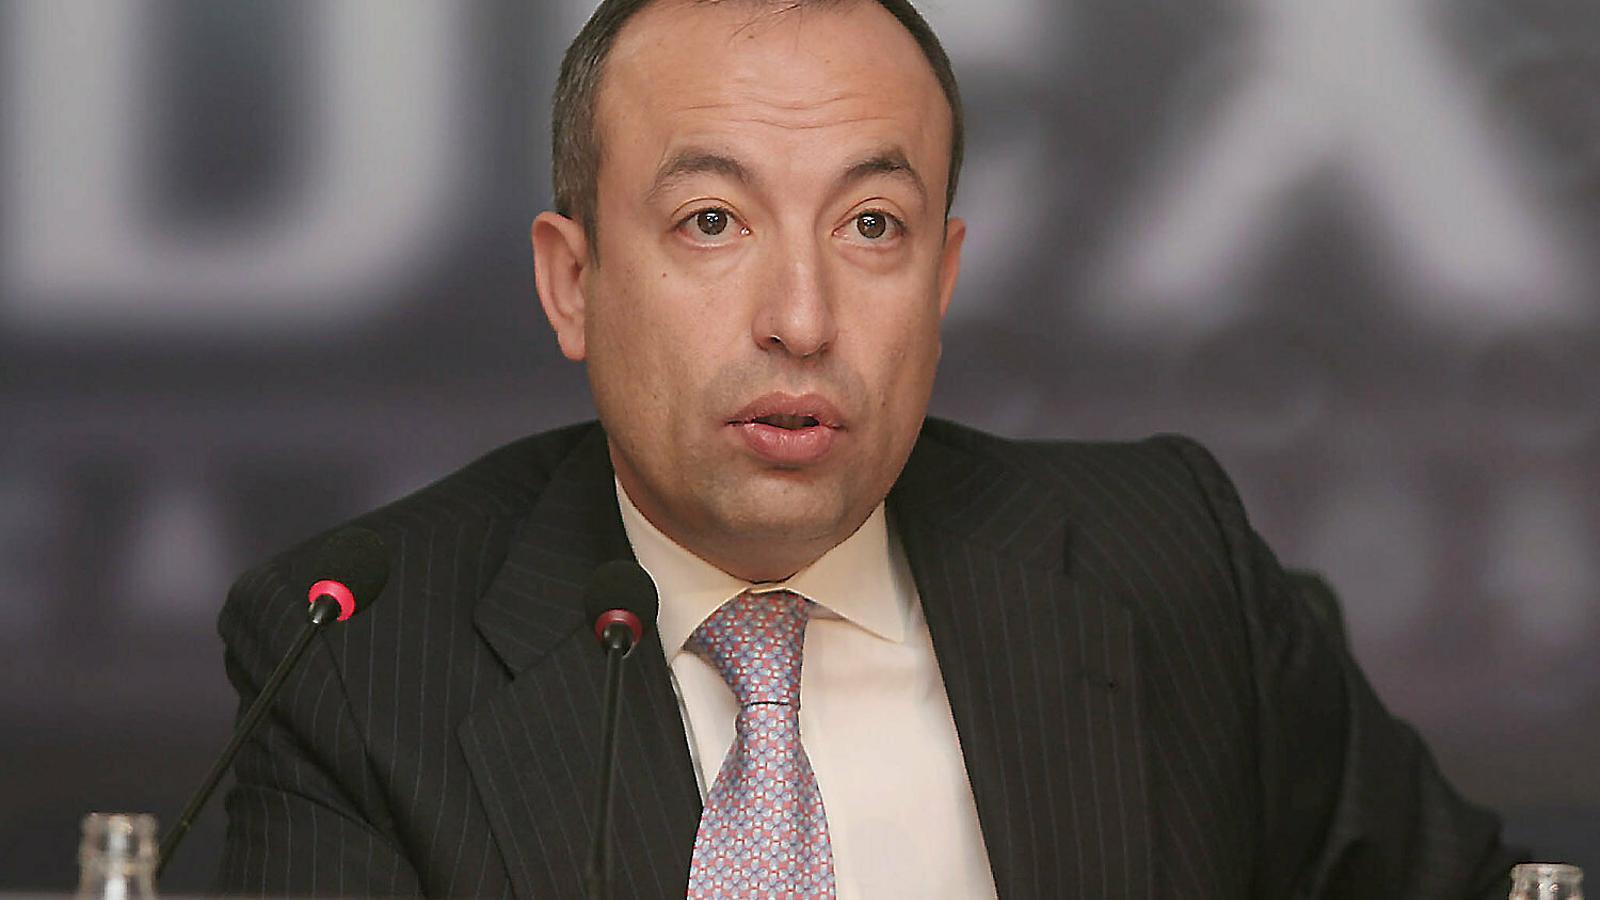 Francisco Celma, soci fundador de la consultora Deloitte, en una imatge d'arxiu.